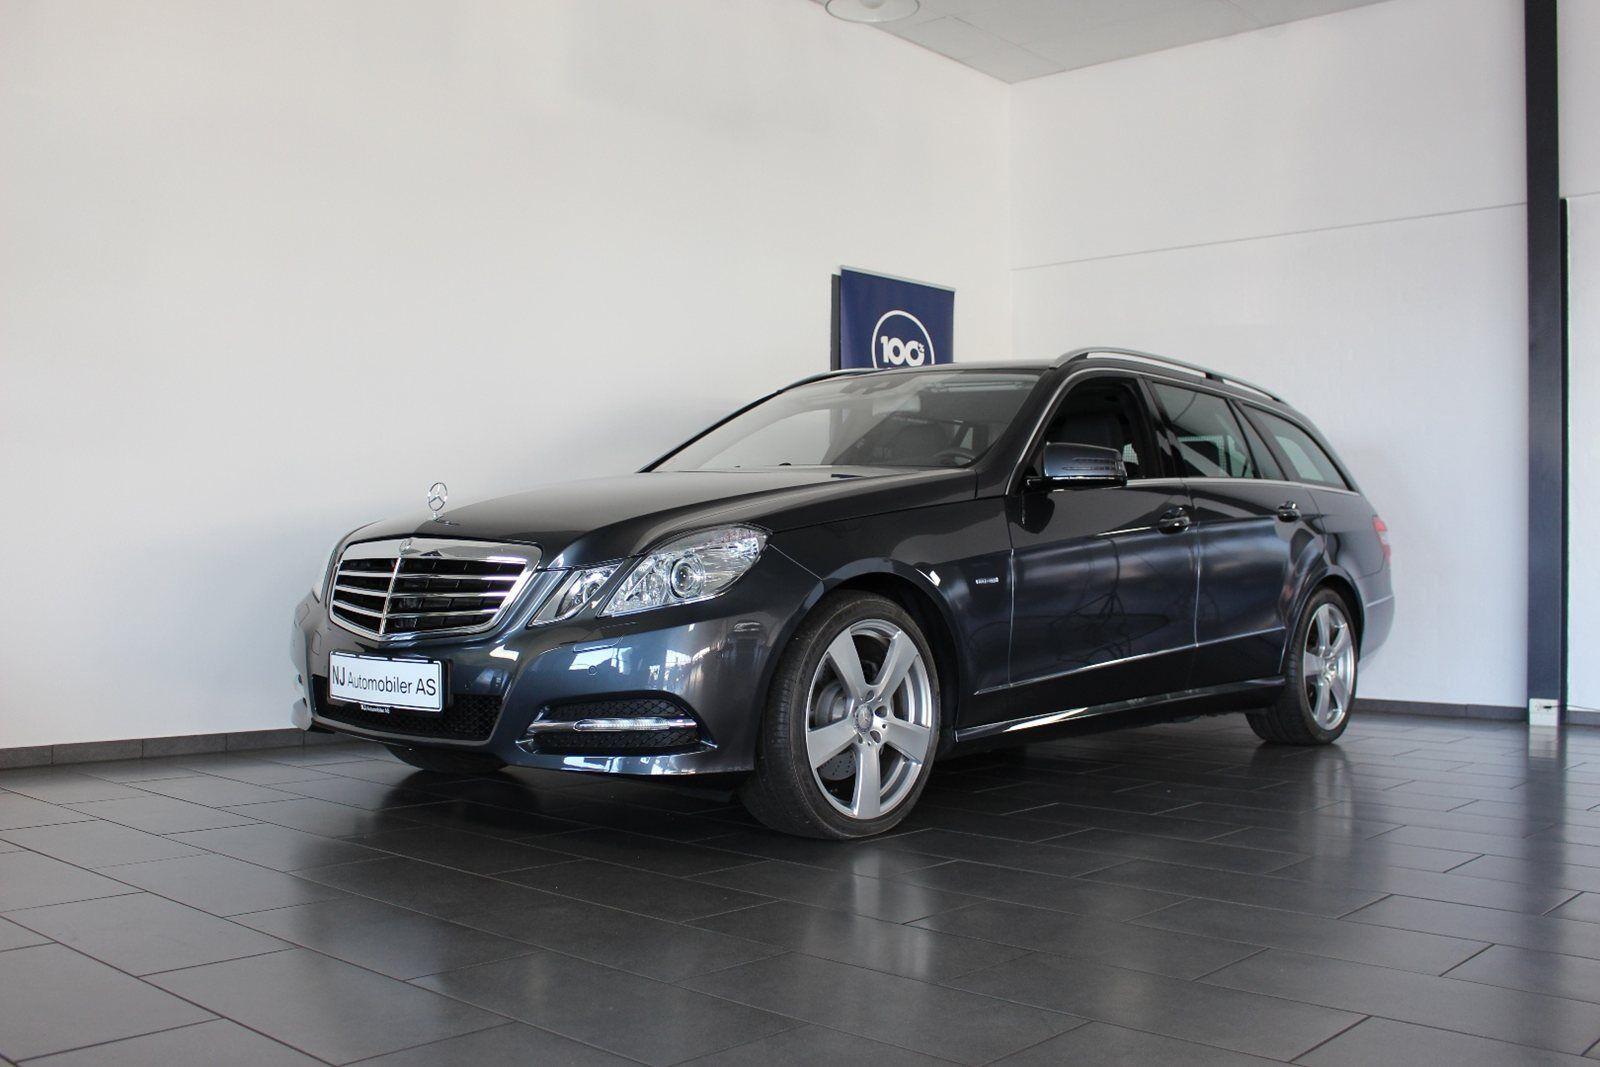 Mercedes E350 3,5 CGi Avantgarde stc. aut. BE 5d - 484.900 kr.